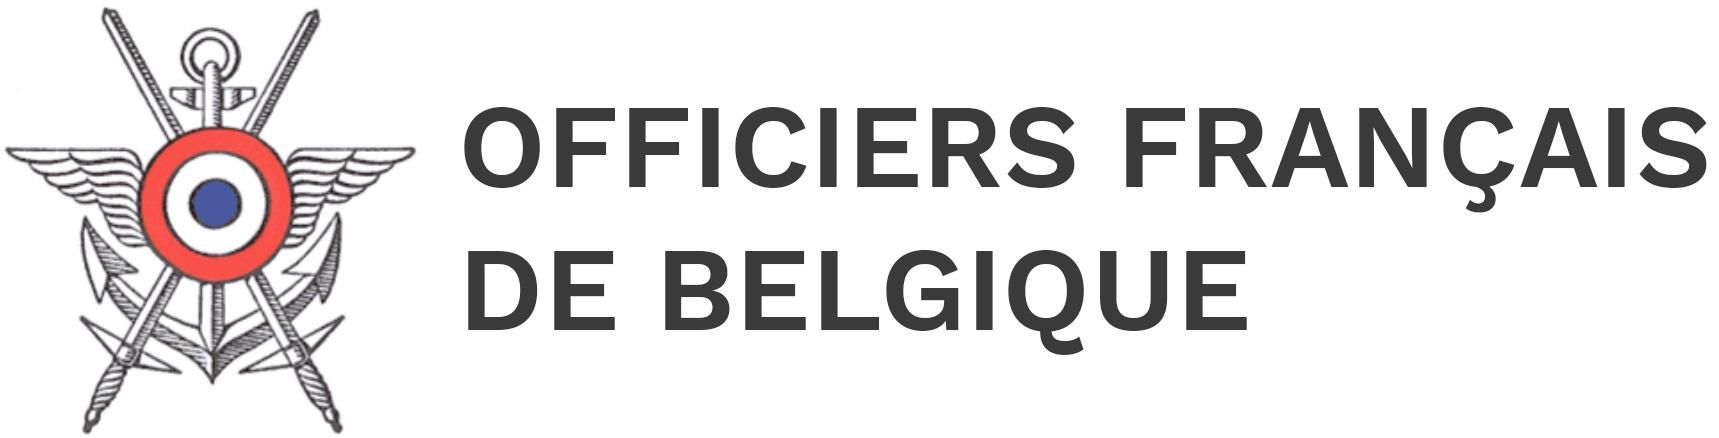 logo-association-officiers-francais-belgique-logo